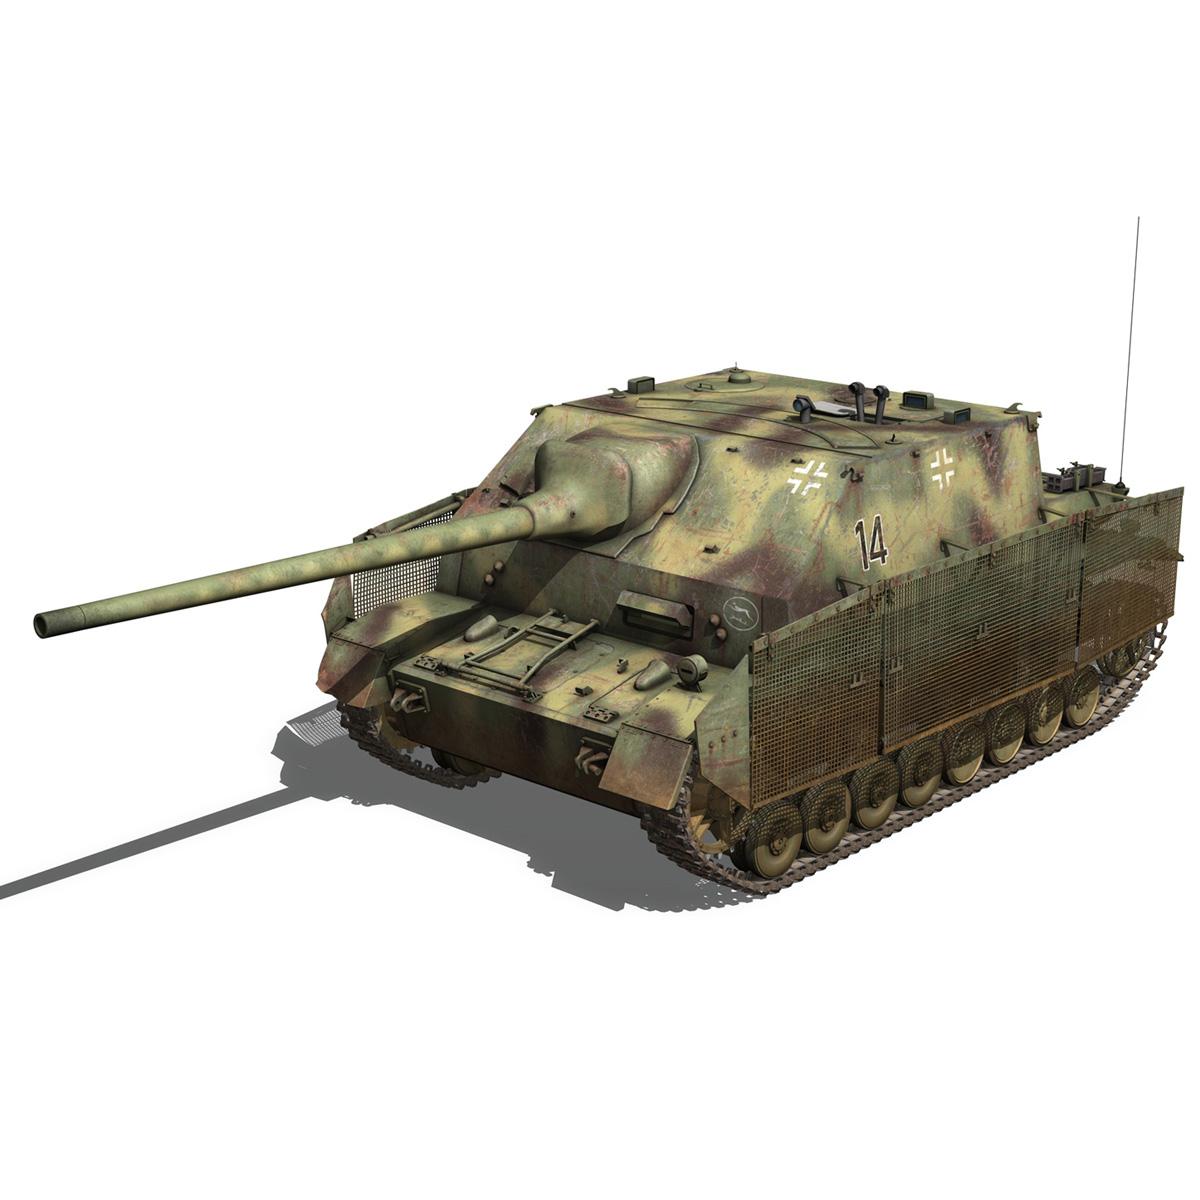 jagdpanzer iv l/70 (a) – 14 3d model 3ds fbx c4d lwo obj 282329